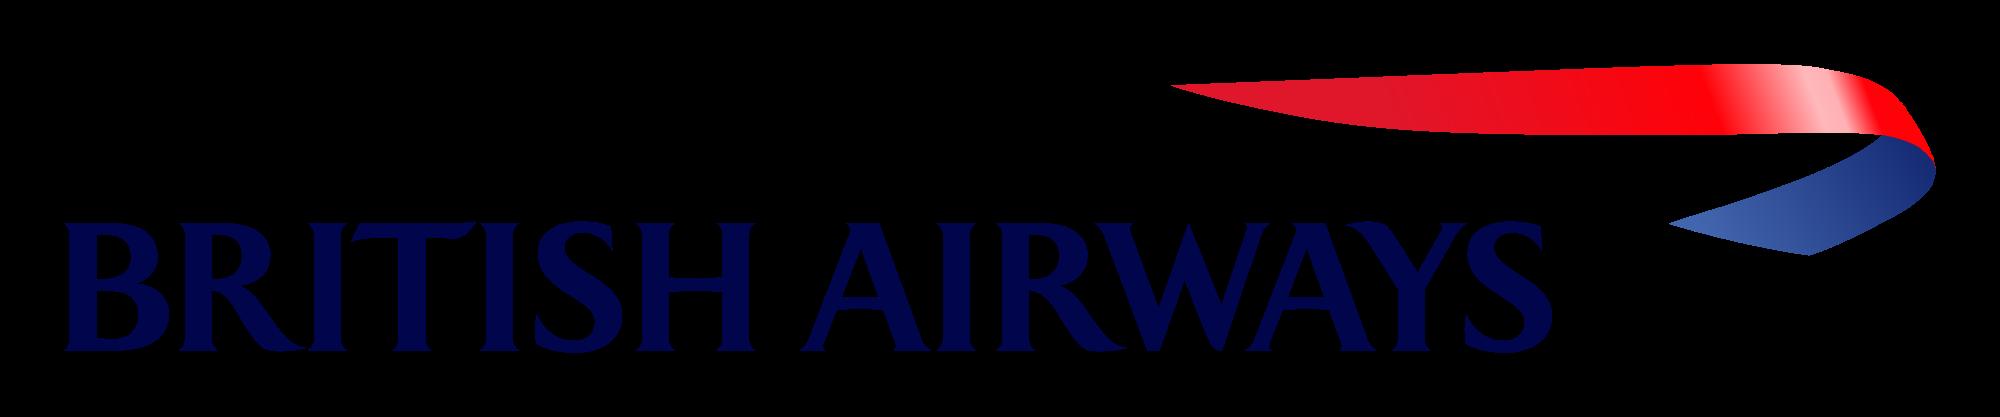 british-airways-logo-png-datei-british-a